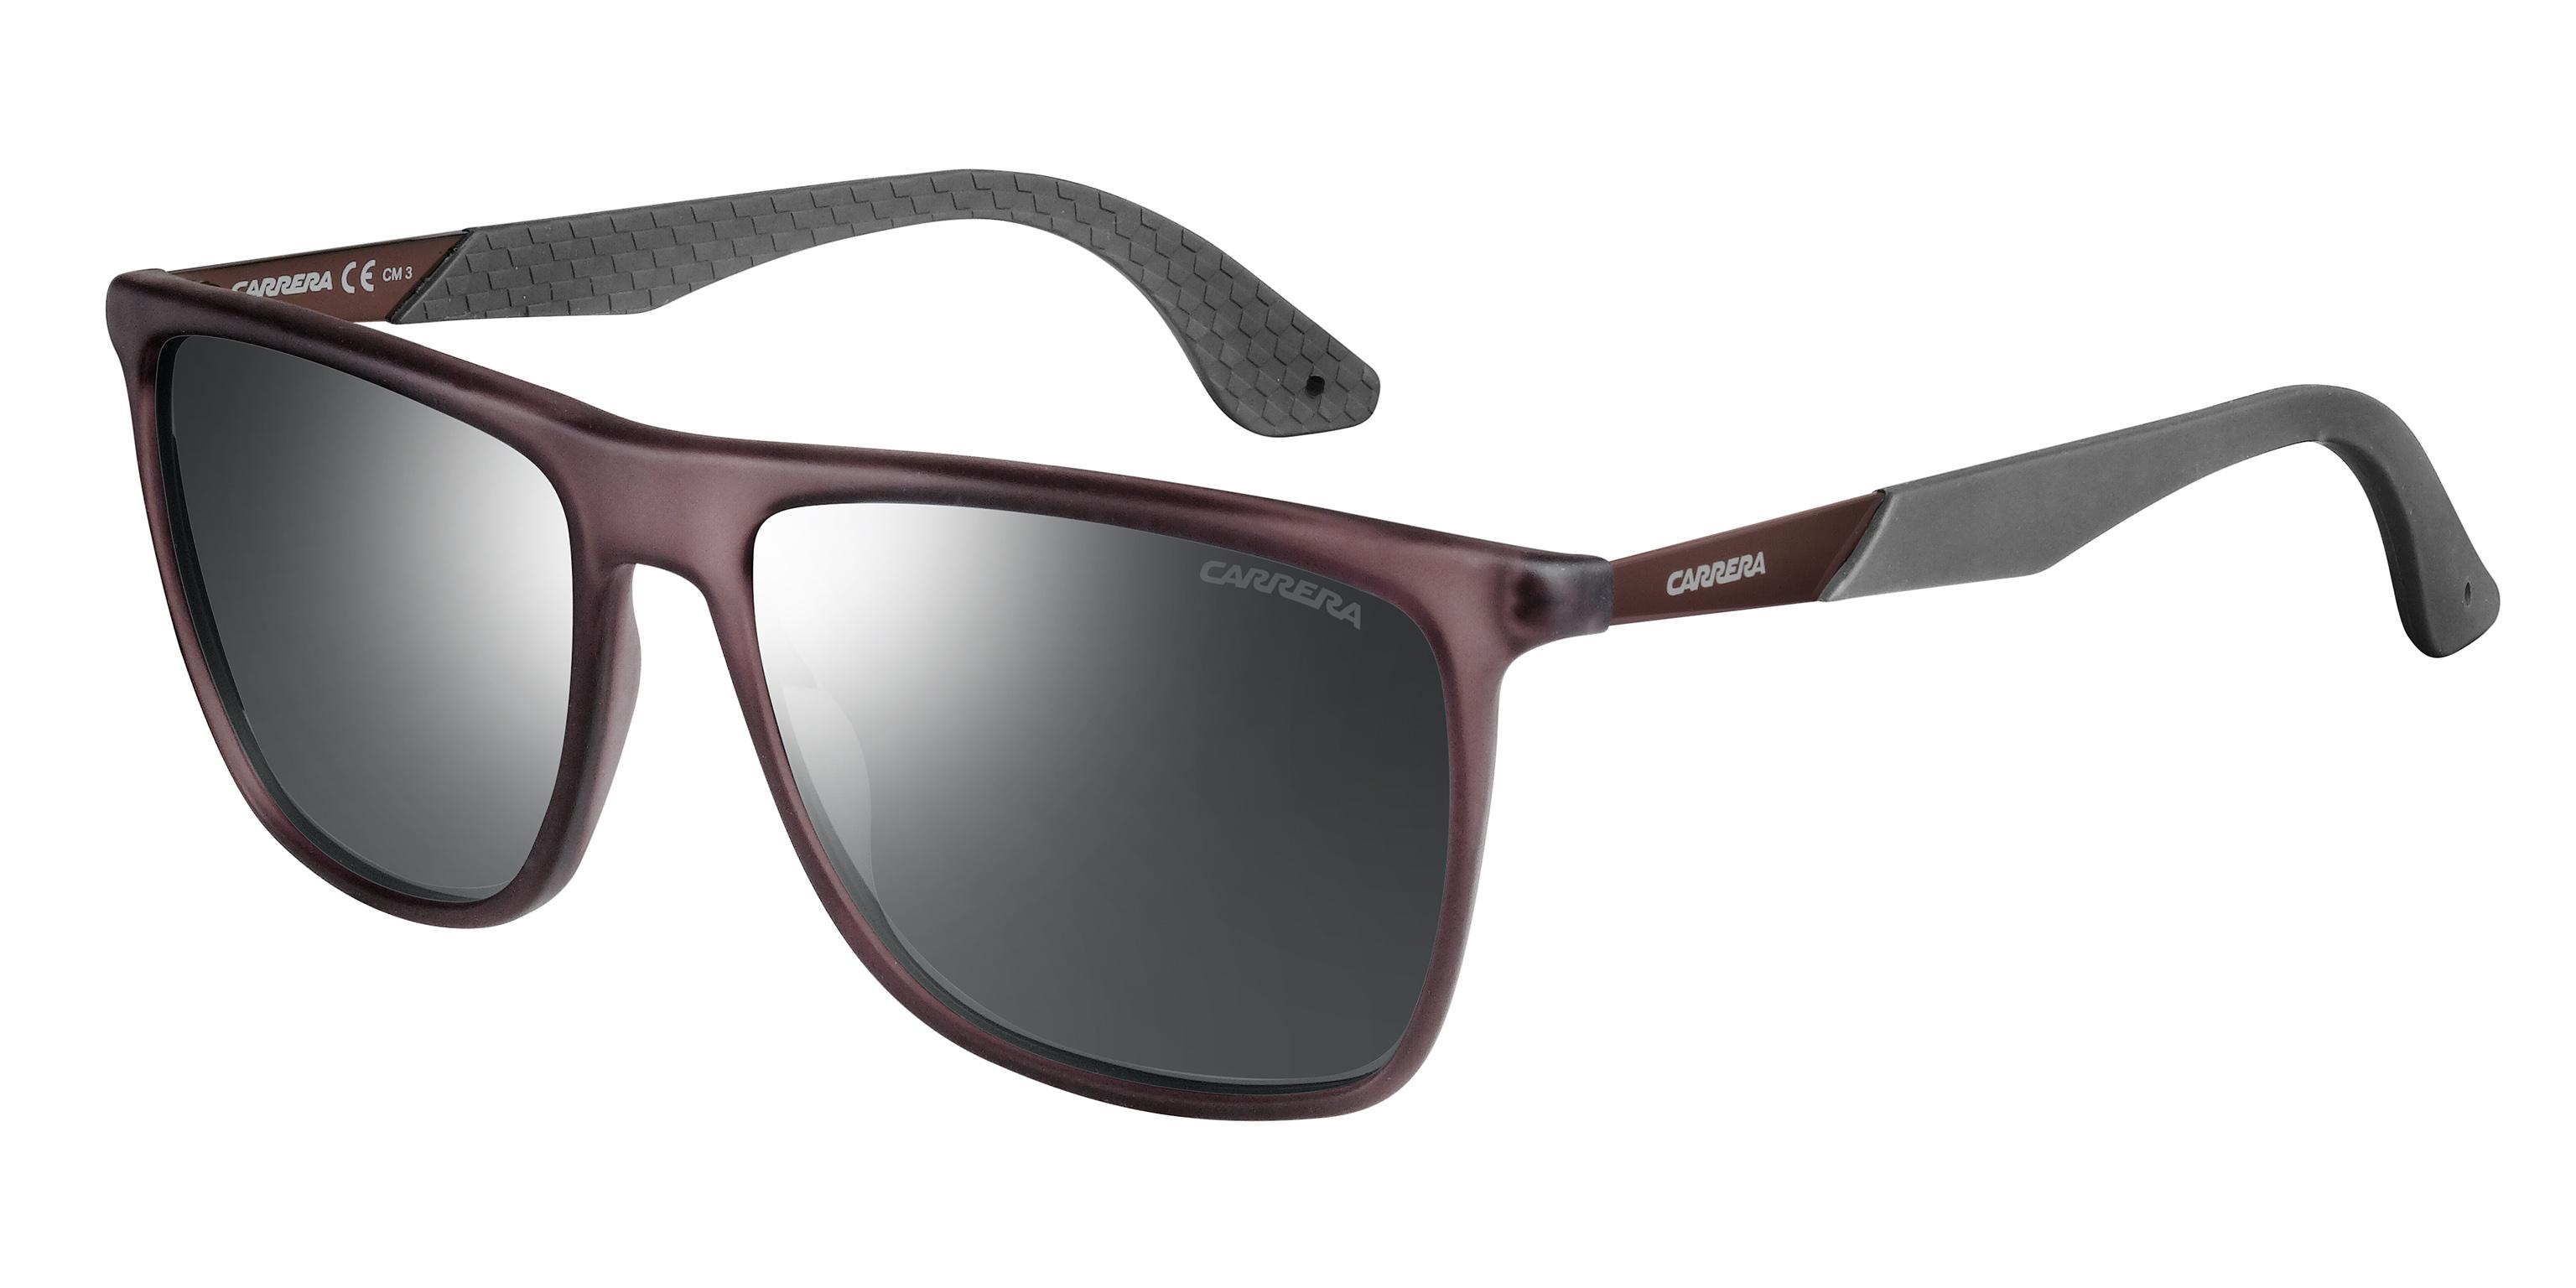 95fdf96080ae0 Carrera 5018 S Progressive Prescription Sunglasses FREE S H  CA5018S-0MHX-CT-5616-PRO